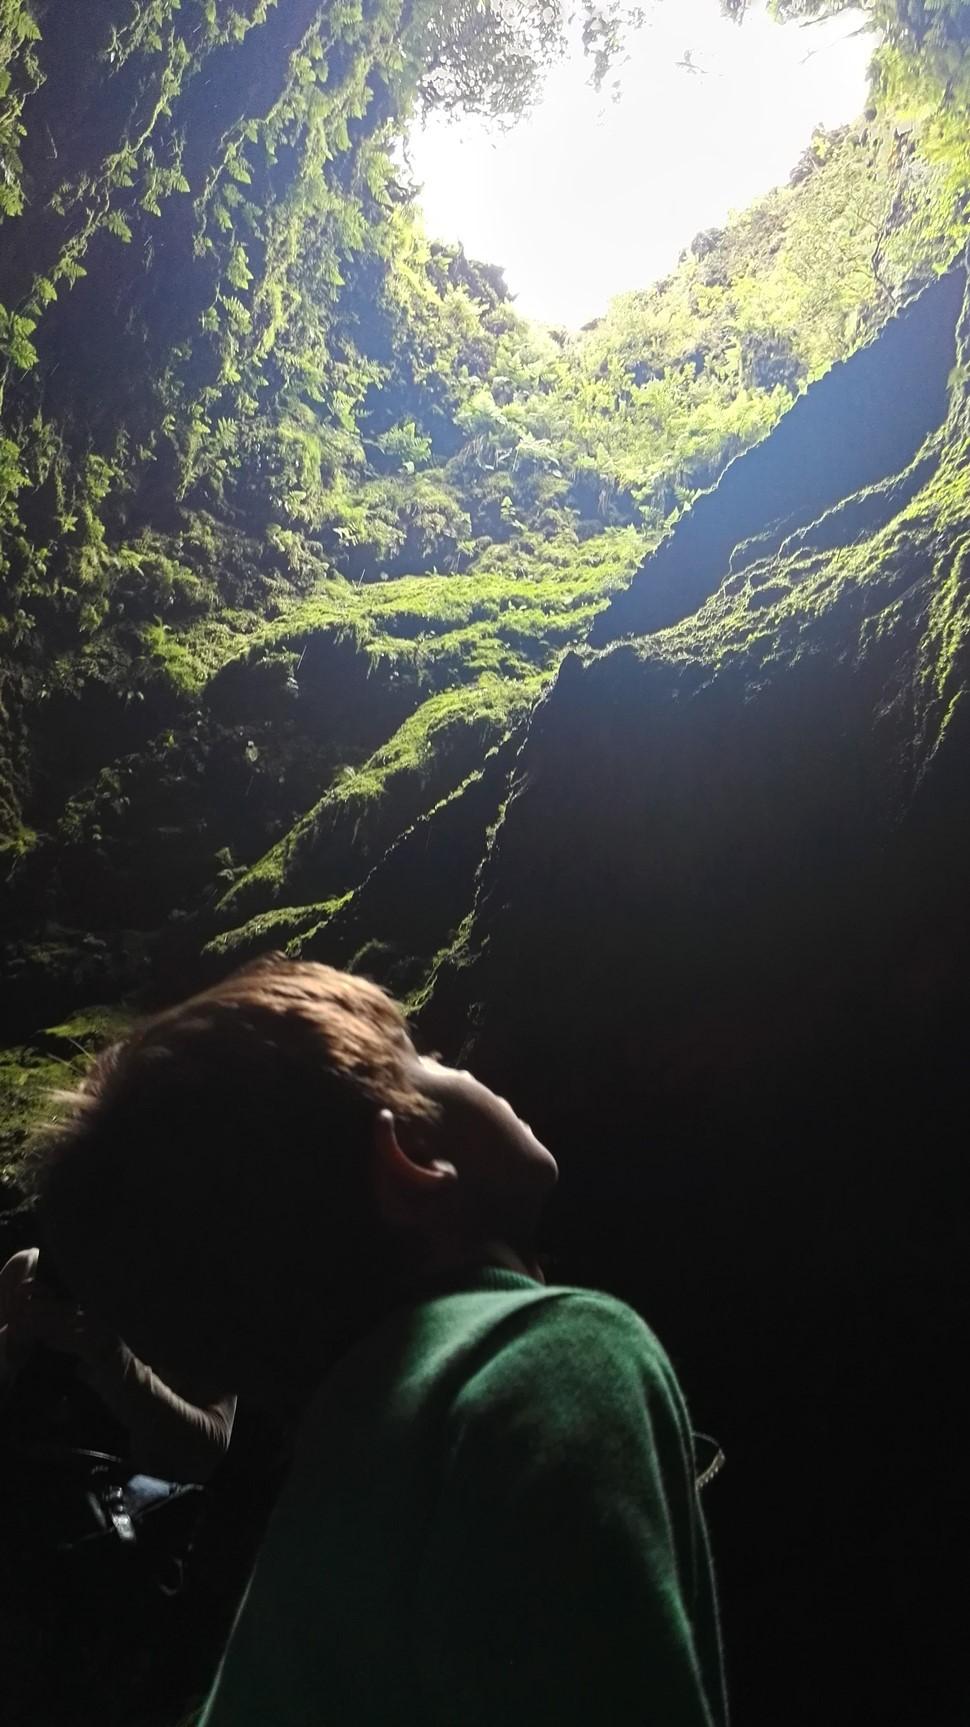 Ascensión C Viaje a la Atlántida El regalo de la naturaleza1